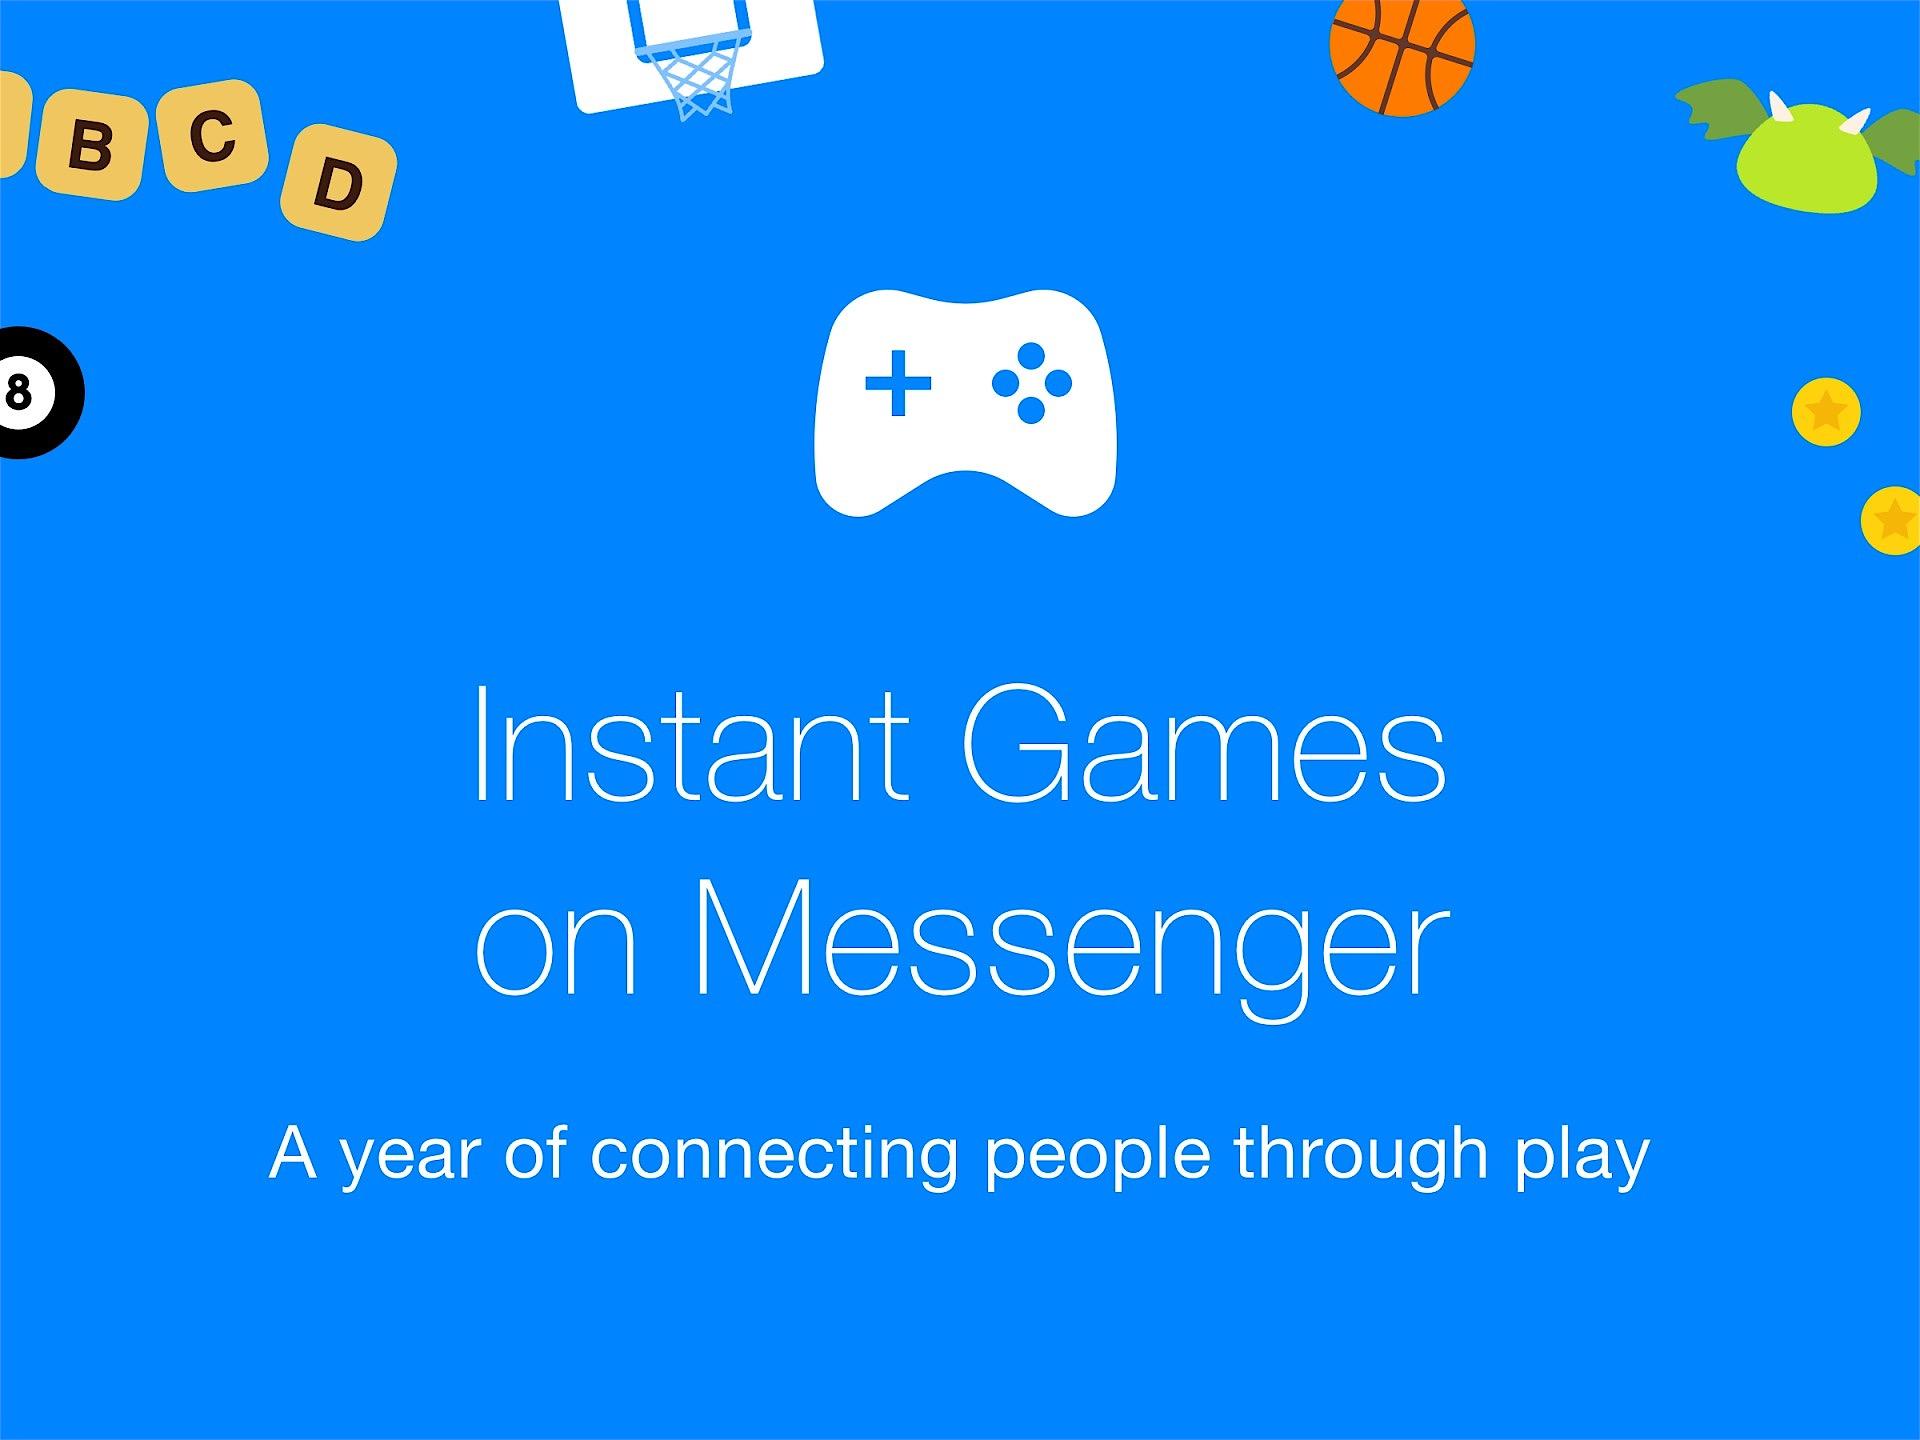 A partir de ahora podrás retransmitir en directo las partidas que juegas en el Messenger de Facebook